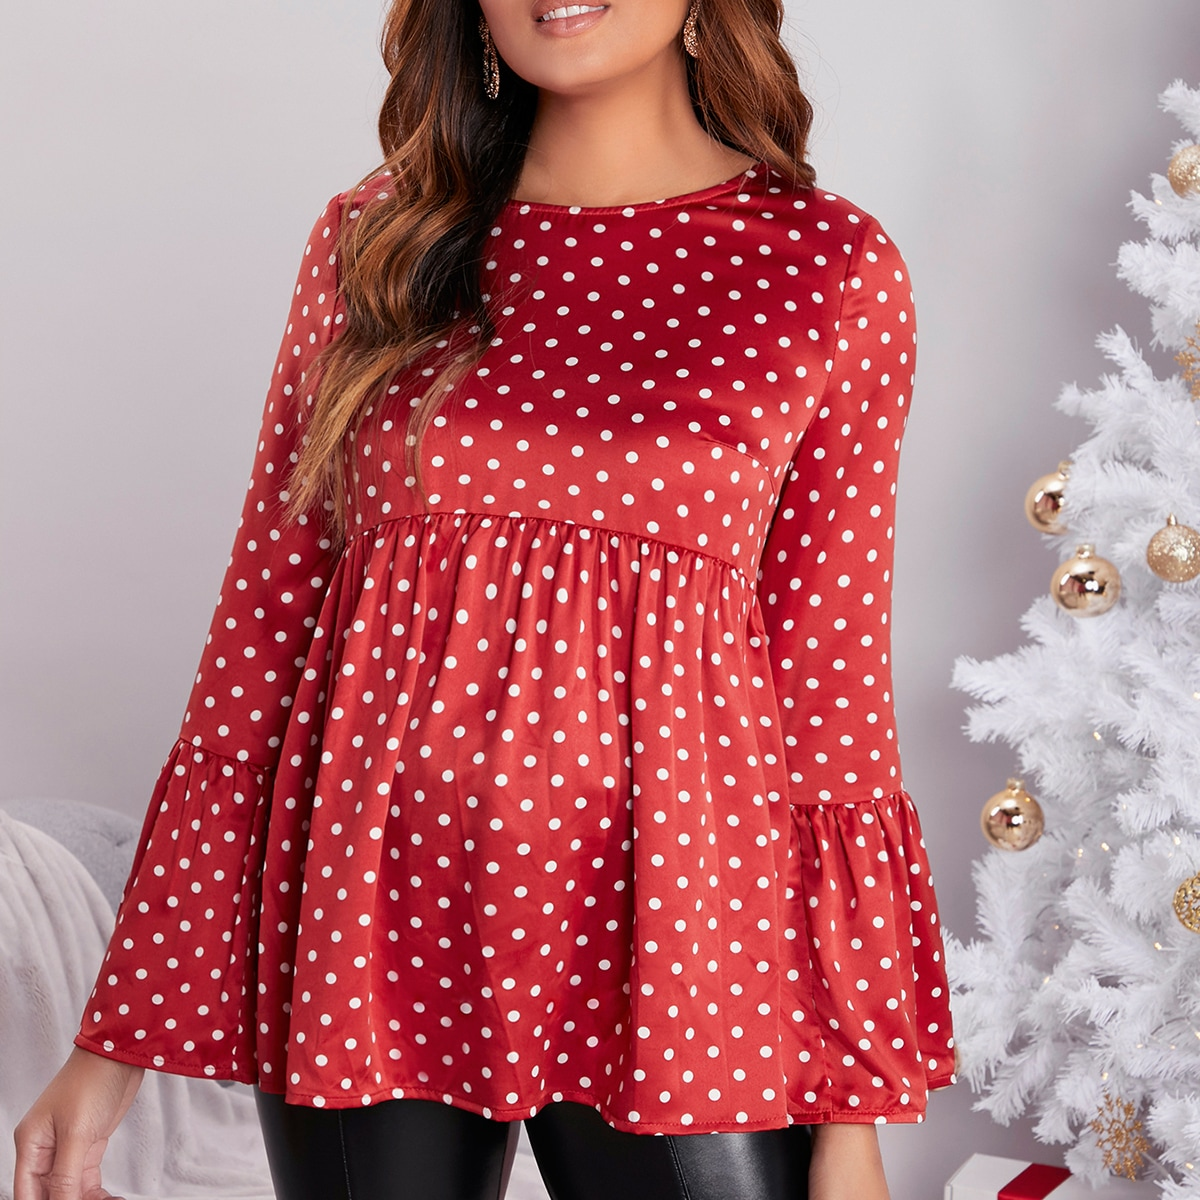 С оборками в горошёк милый блузы для беременных